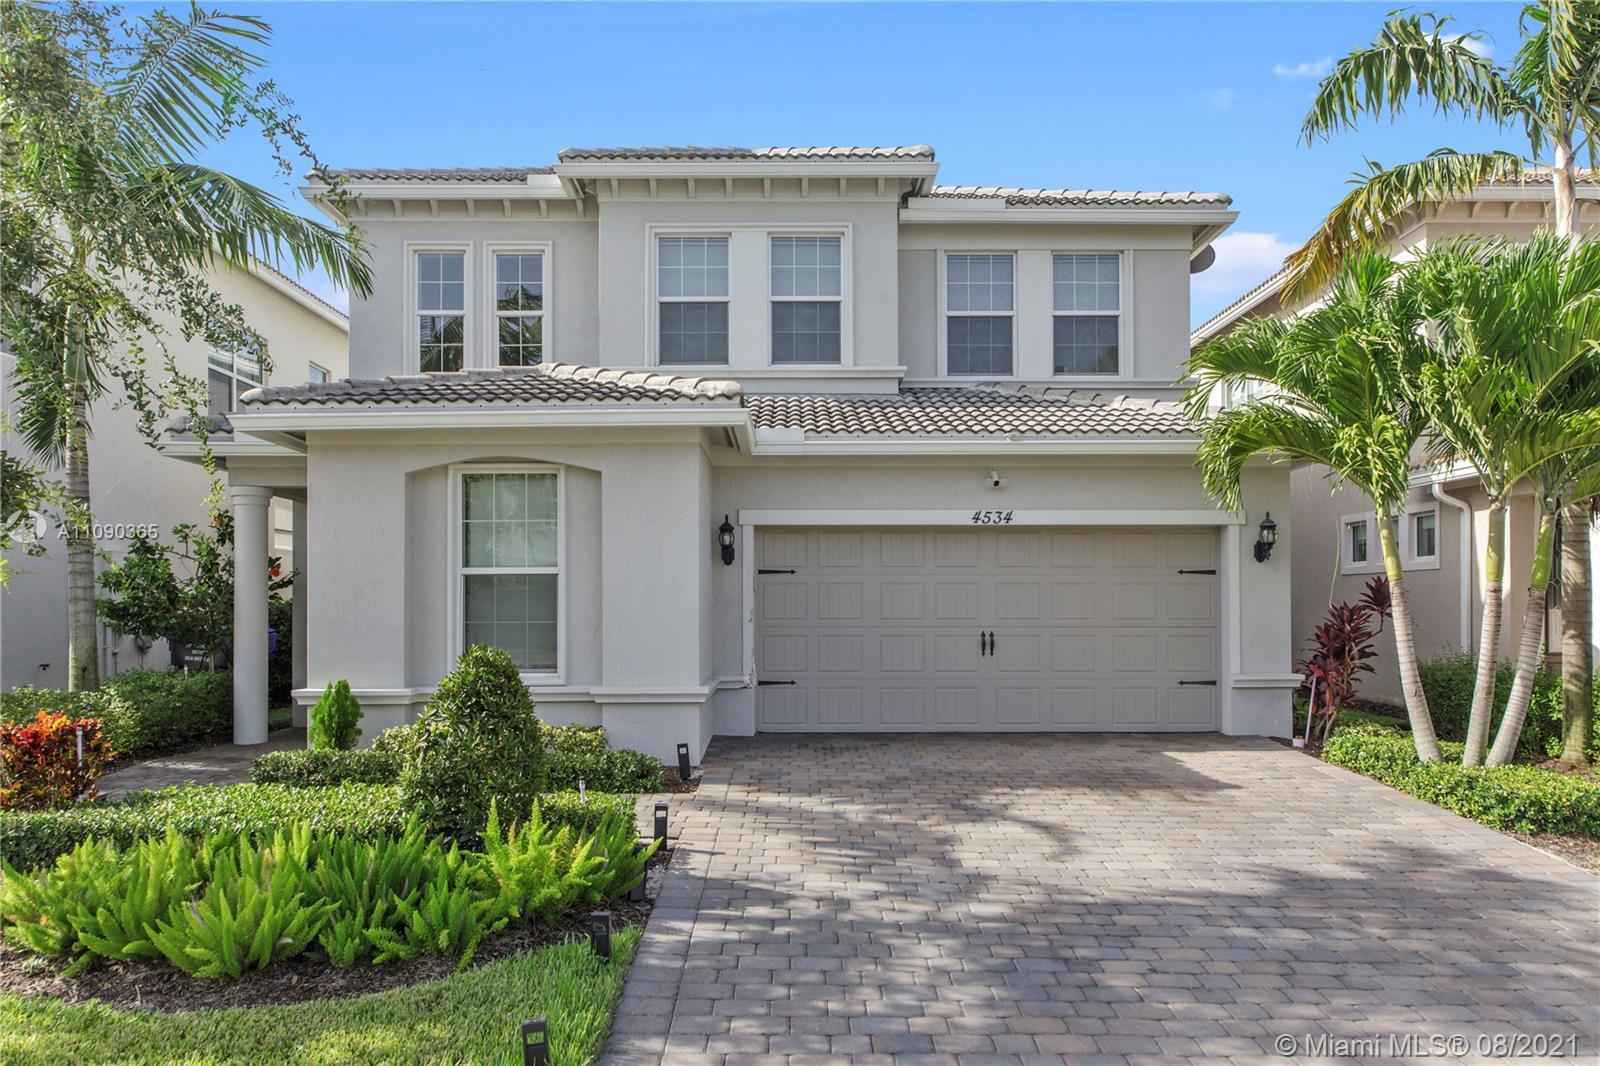 4534 Greenway Dr, Hollywood, Florida 33021